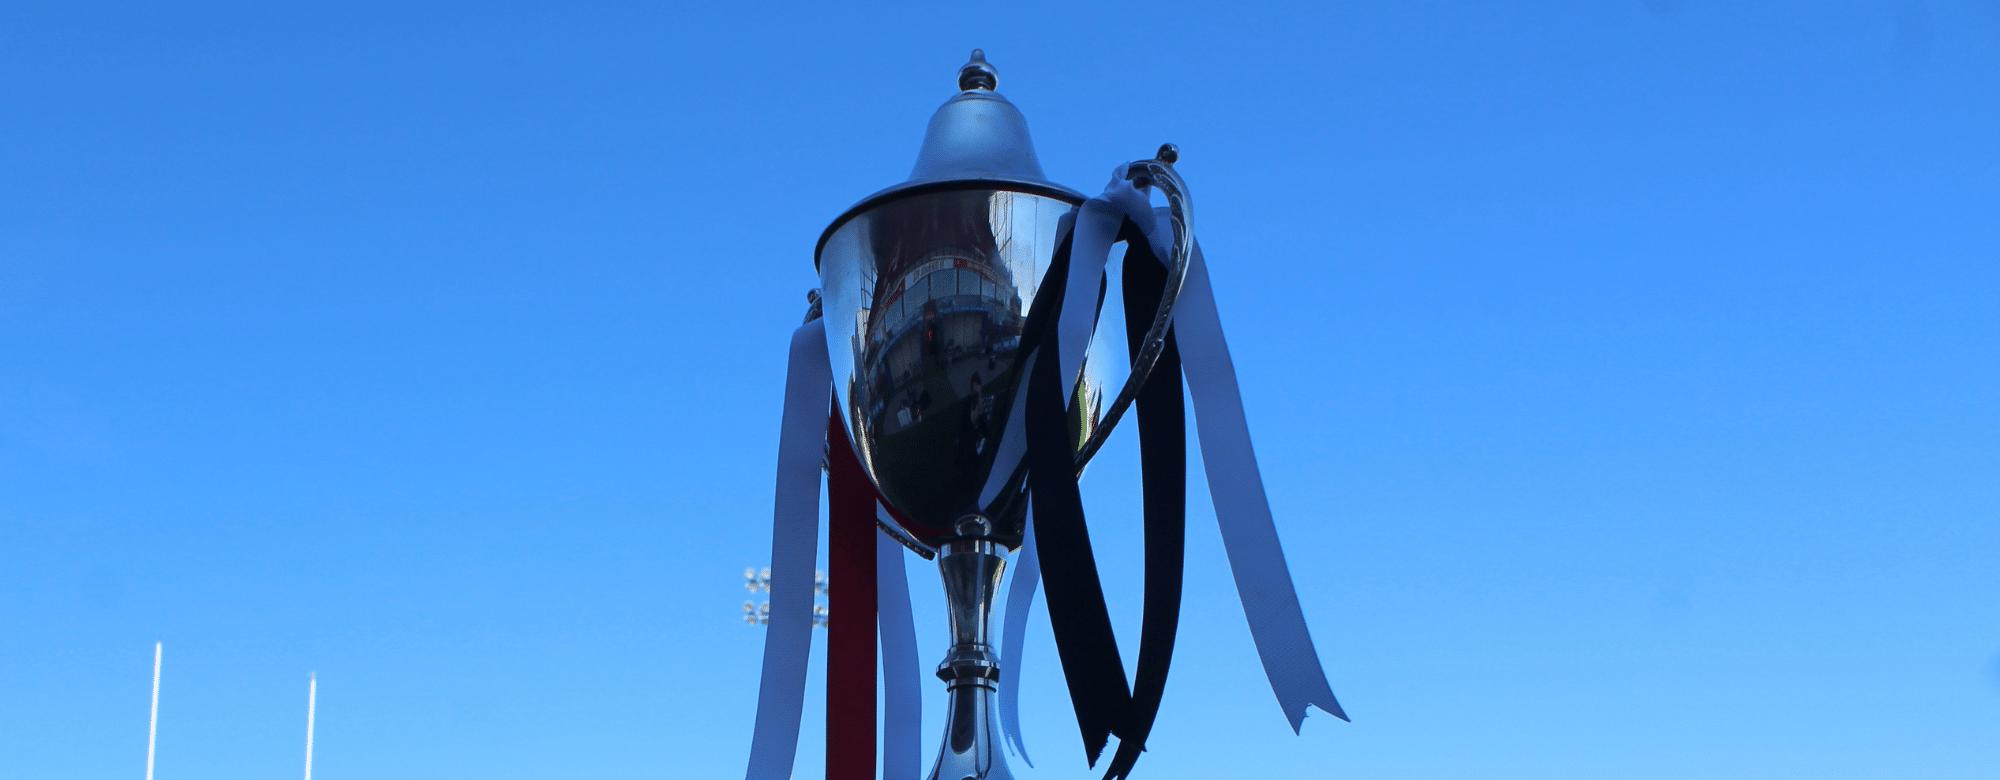 Clive Sullivan Trophy Details Confirmed